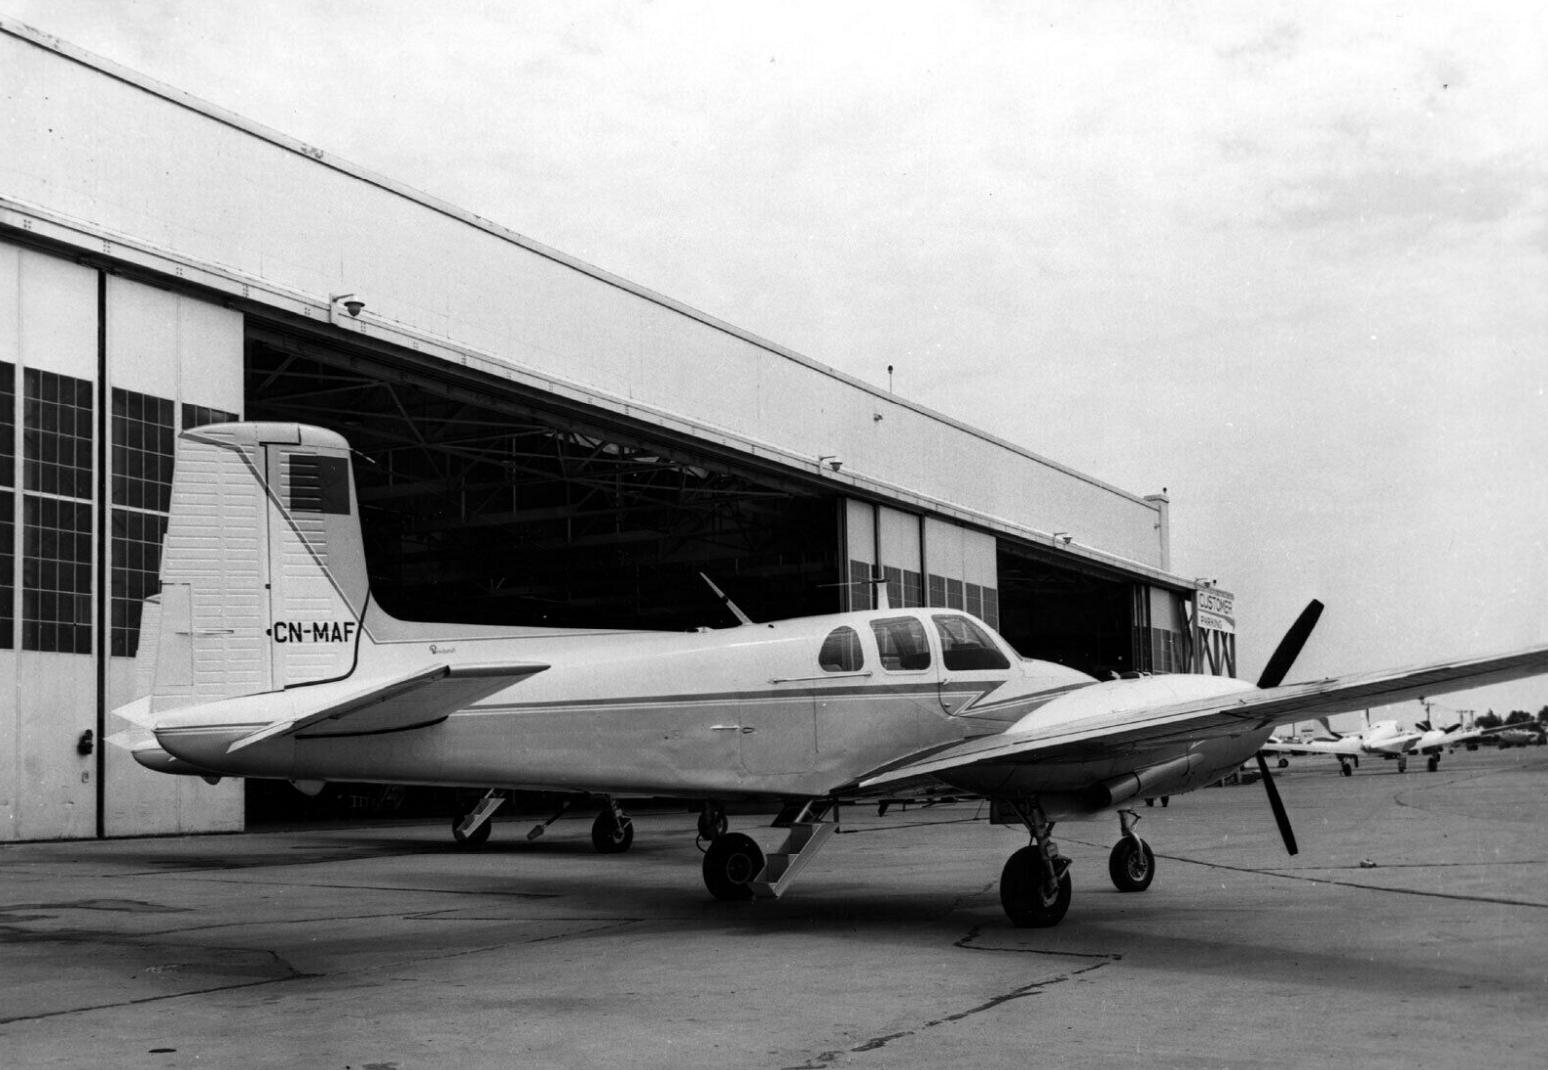 FRA: Photos anciens avions des FRA - Page 13 49762066897_af9a1b120f_o_d